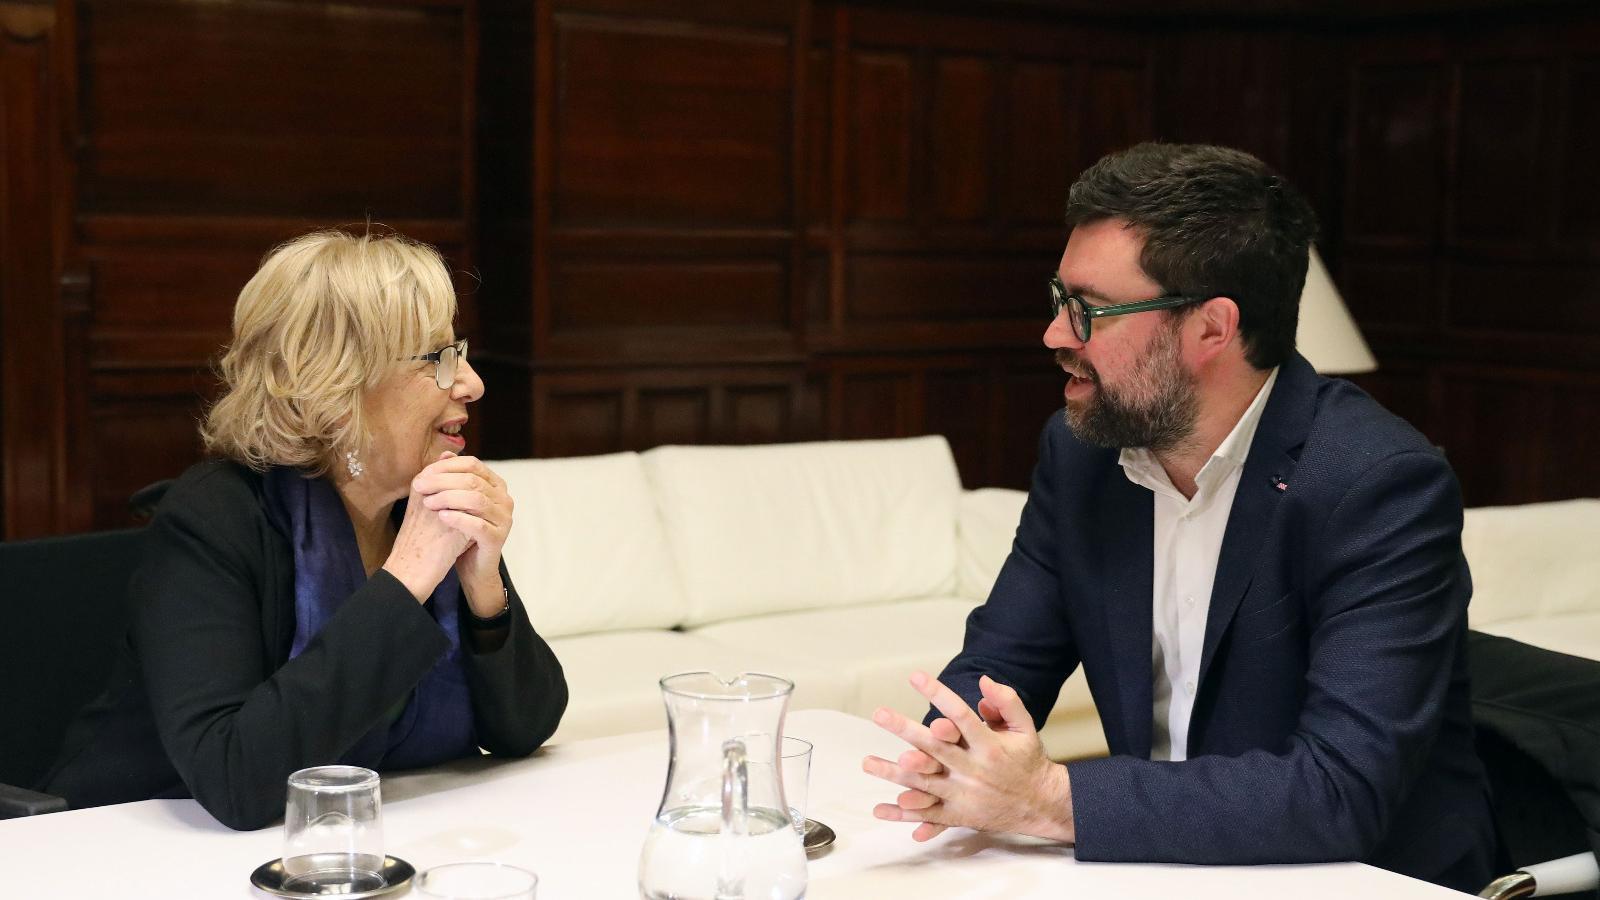 El batle de Palma, Antoni Noguera, es reuneix amb la batlessa de Madrid, Manuela Carmena